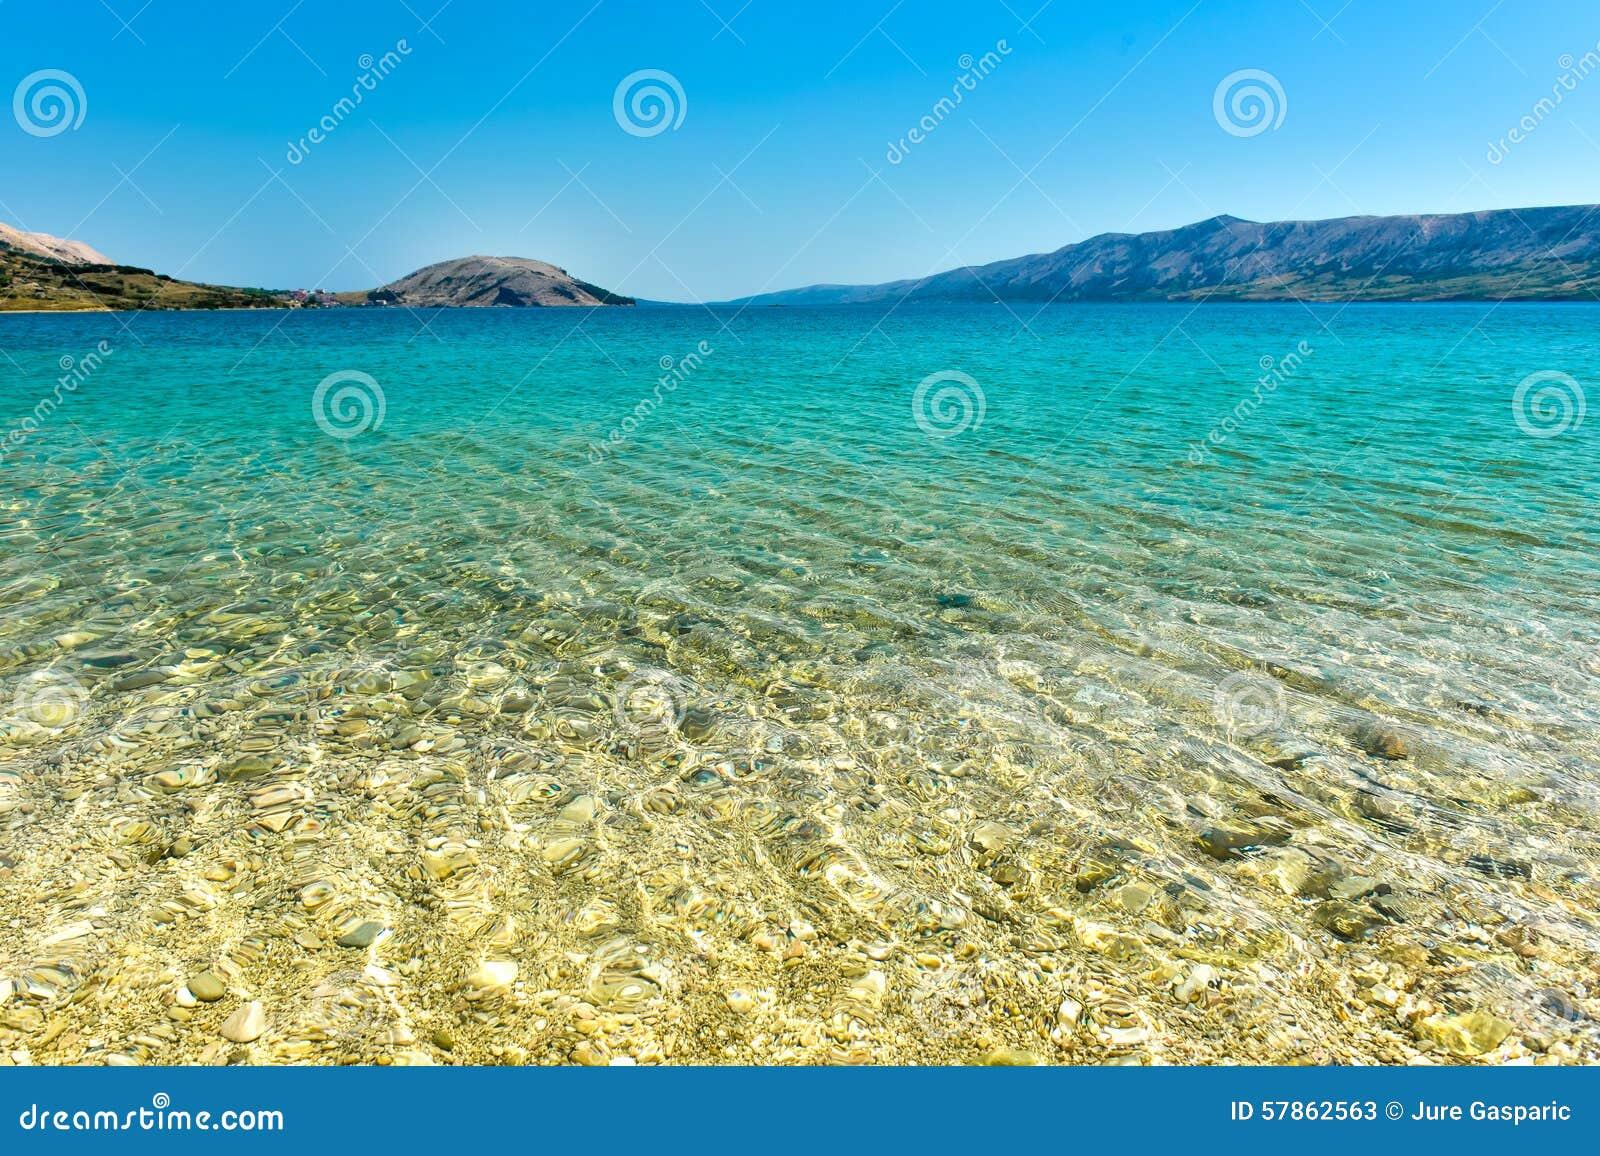 Adriatic sea beaches